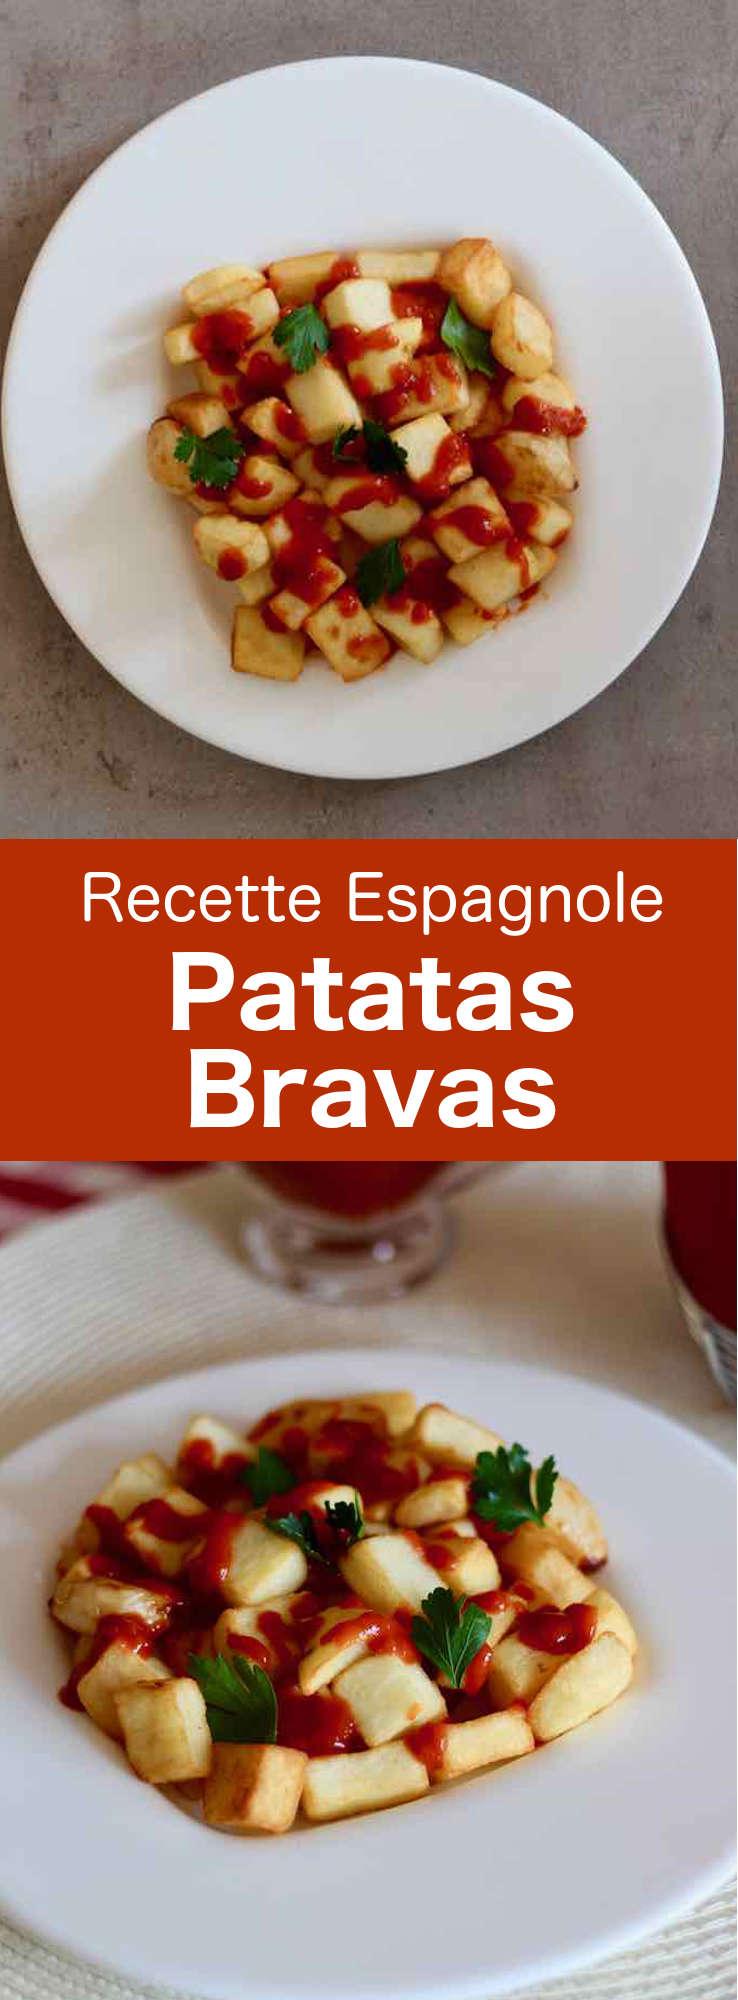 Les patatas bravas sont de délicieuses tapas : des cubes de pommes de terre blanches frites et nappées d'une sauce épicée appelée